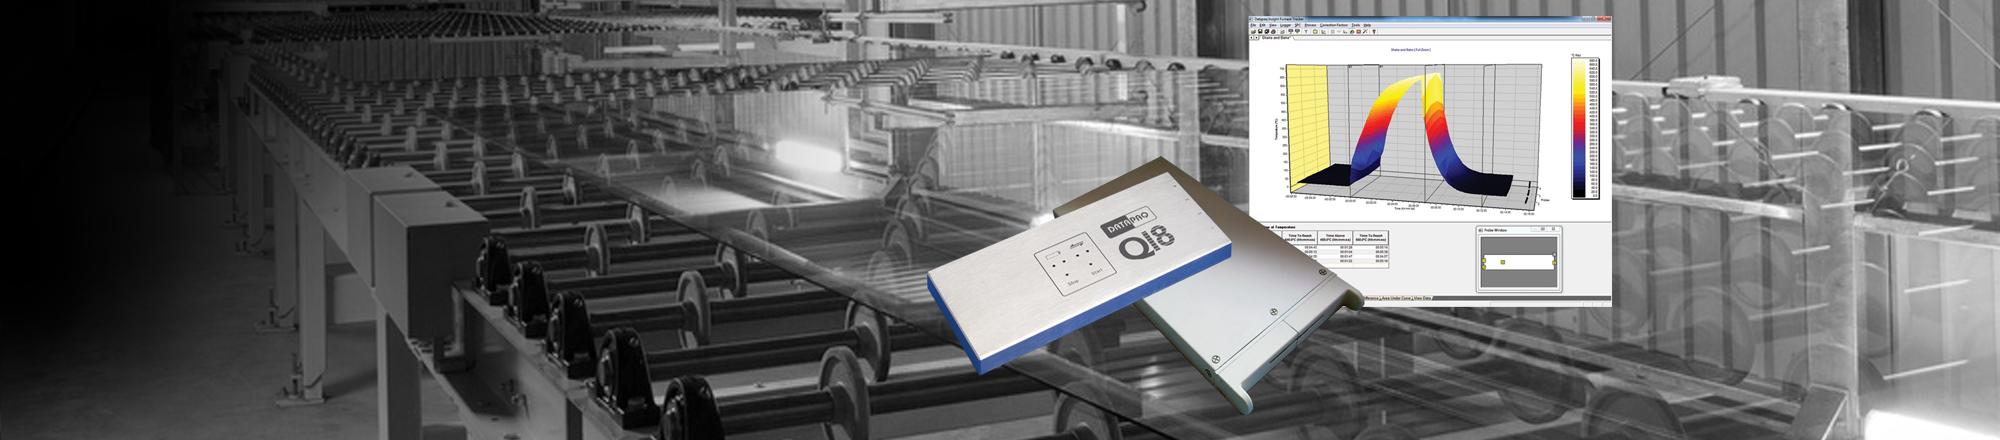 Aufzeichnung von Temperaturprofilen bei der Glasherstellung